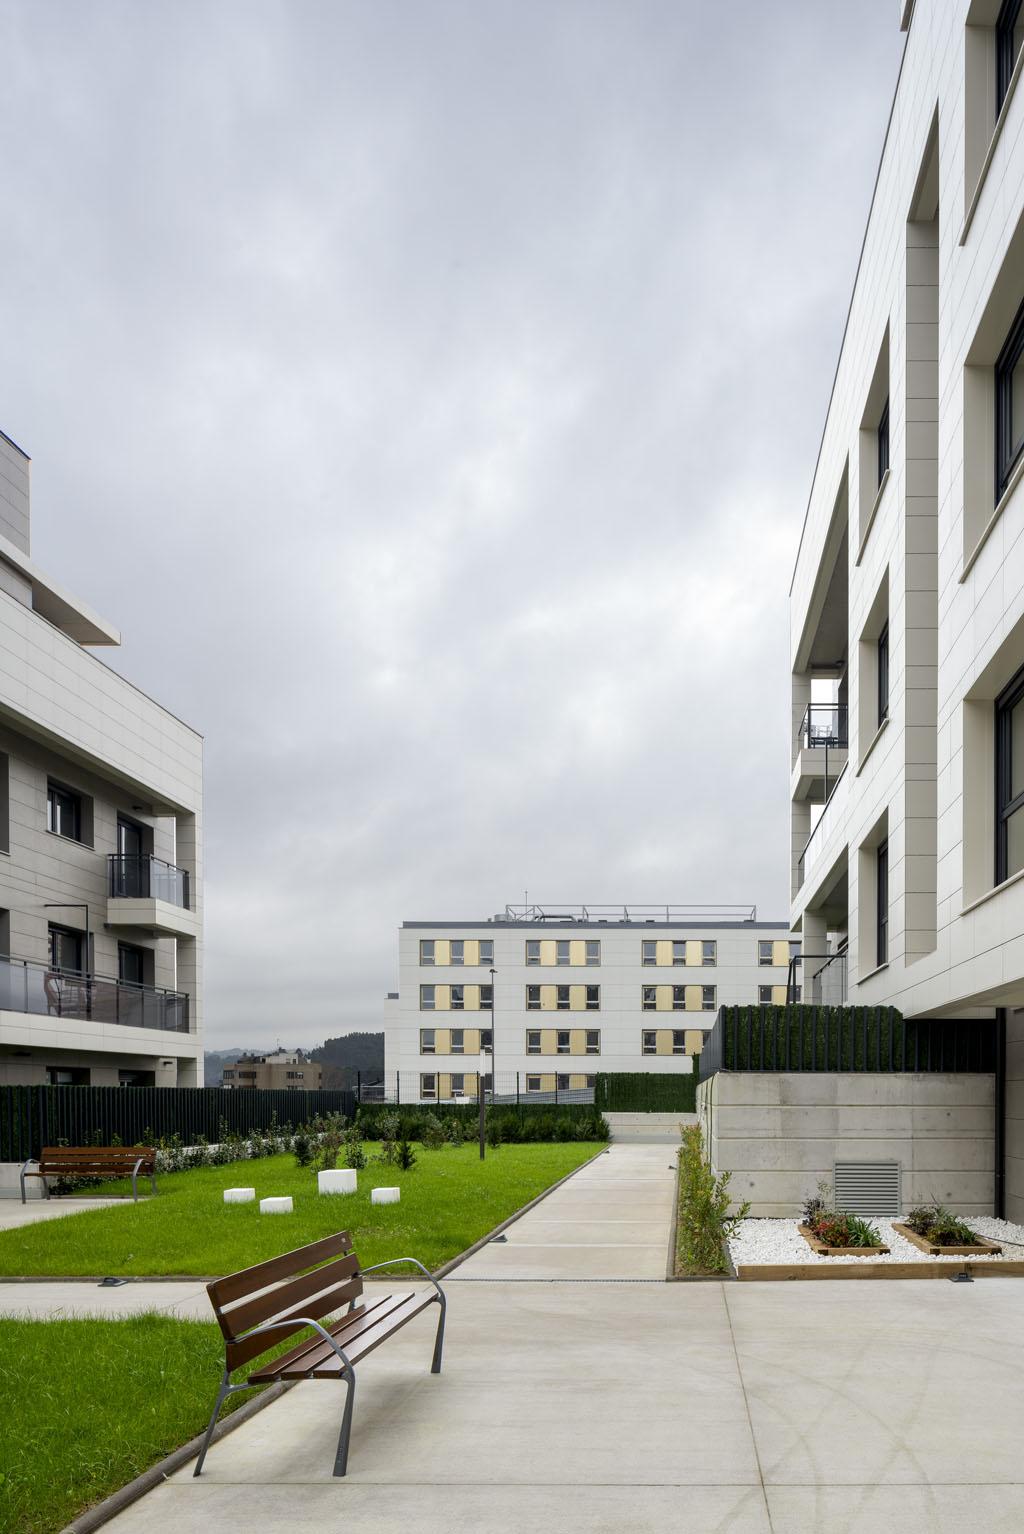 Promoción ACR Algorta, Erlantz Biderbost fotografía de arquitectura